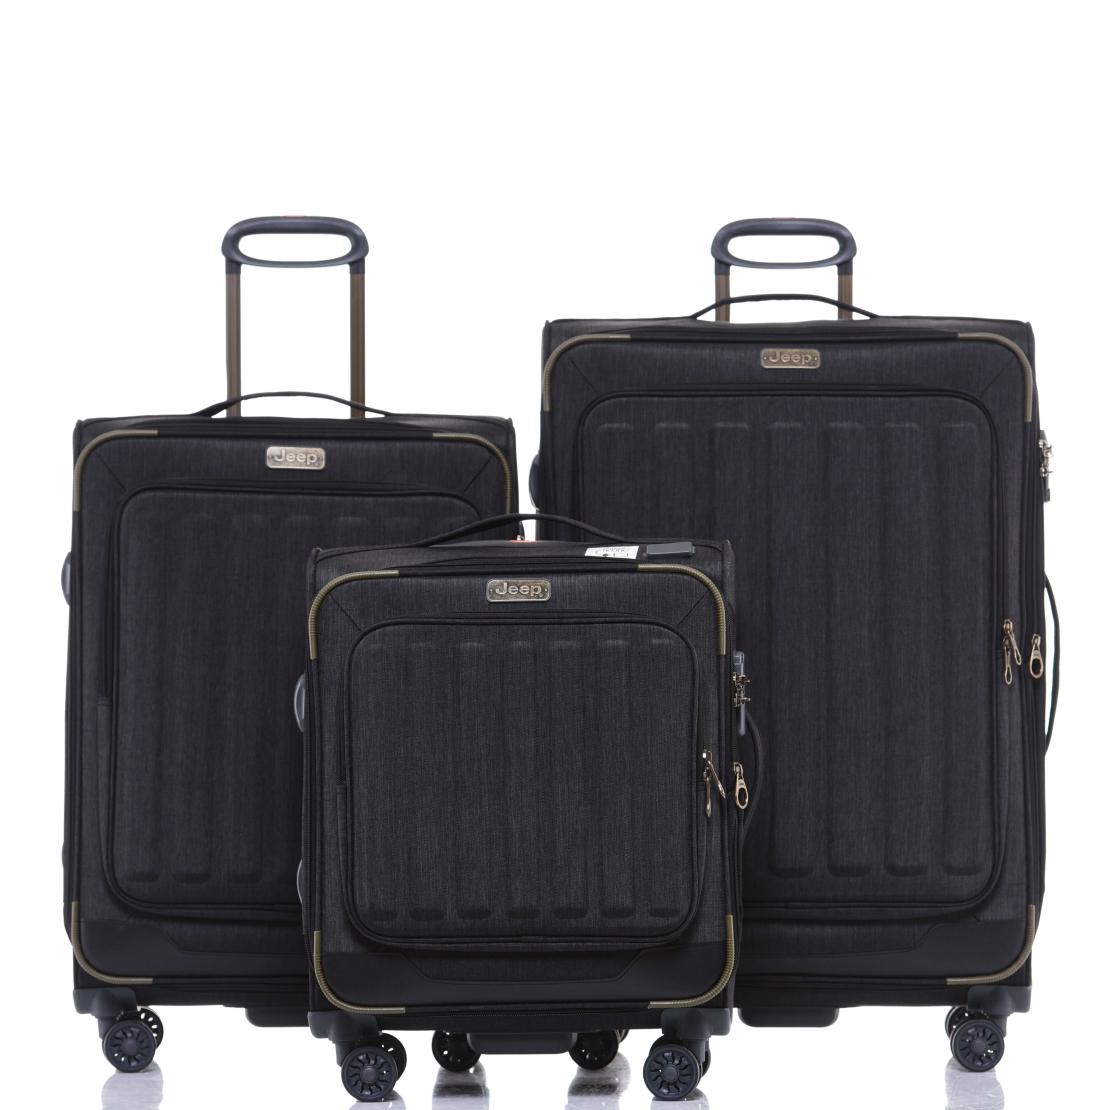 סט מזוודות Peninsula